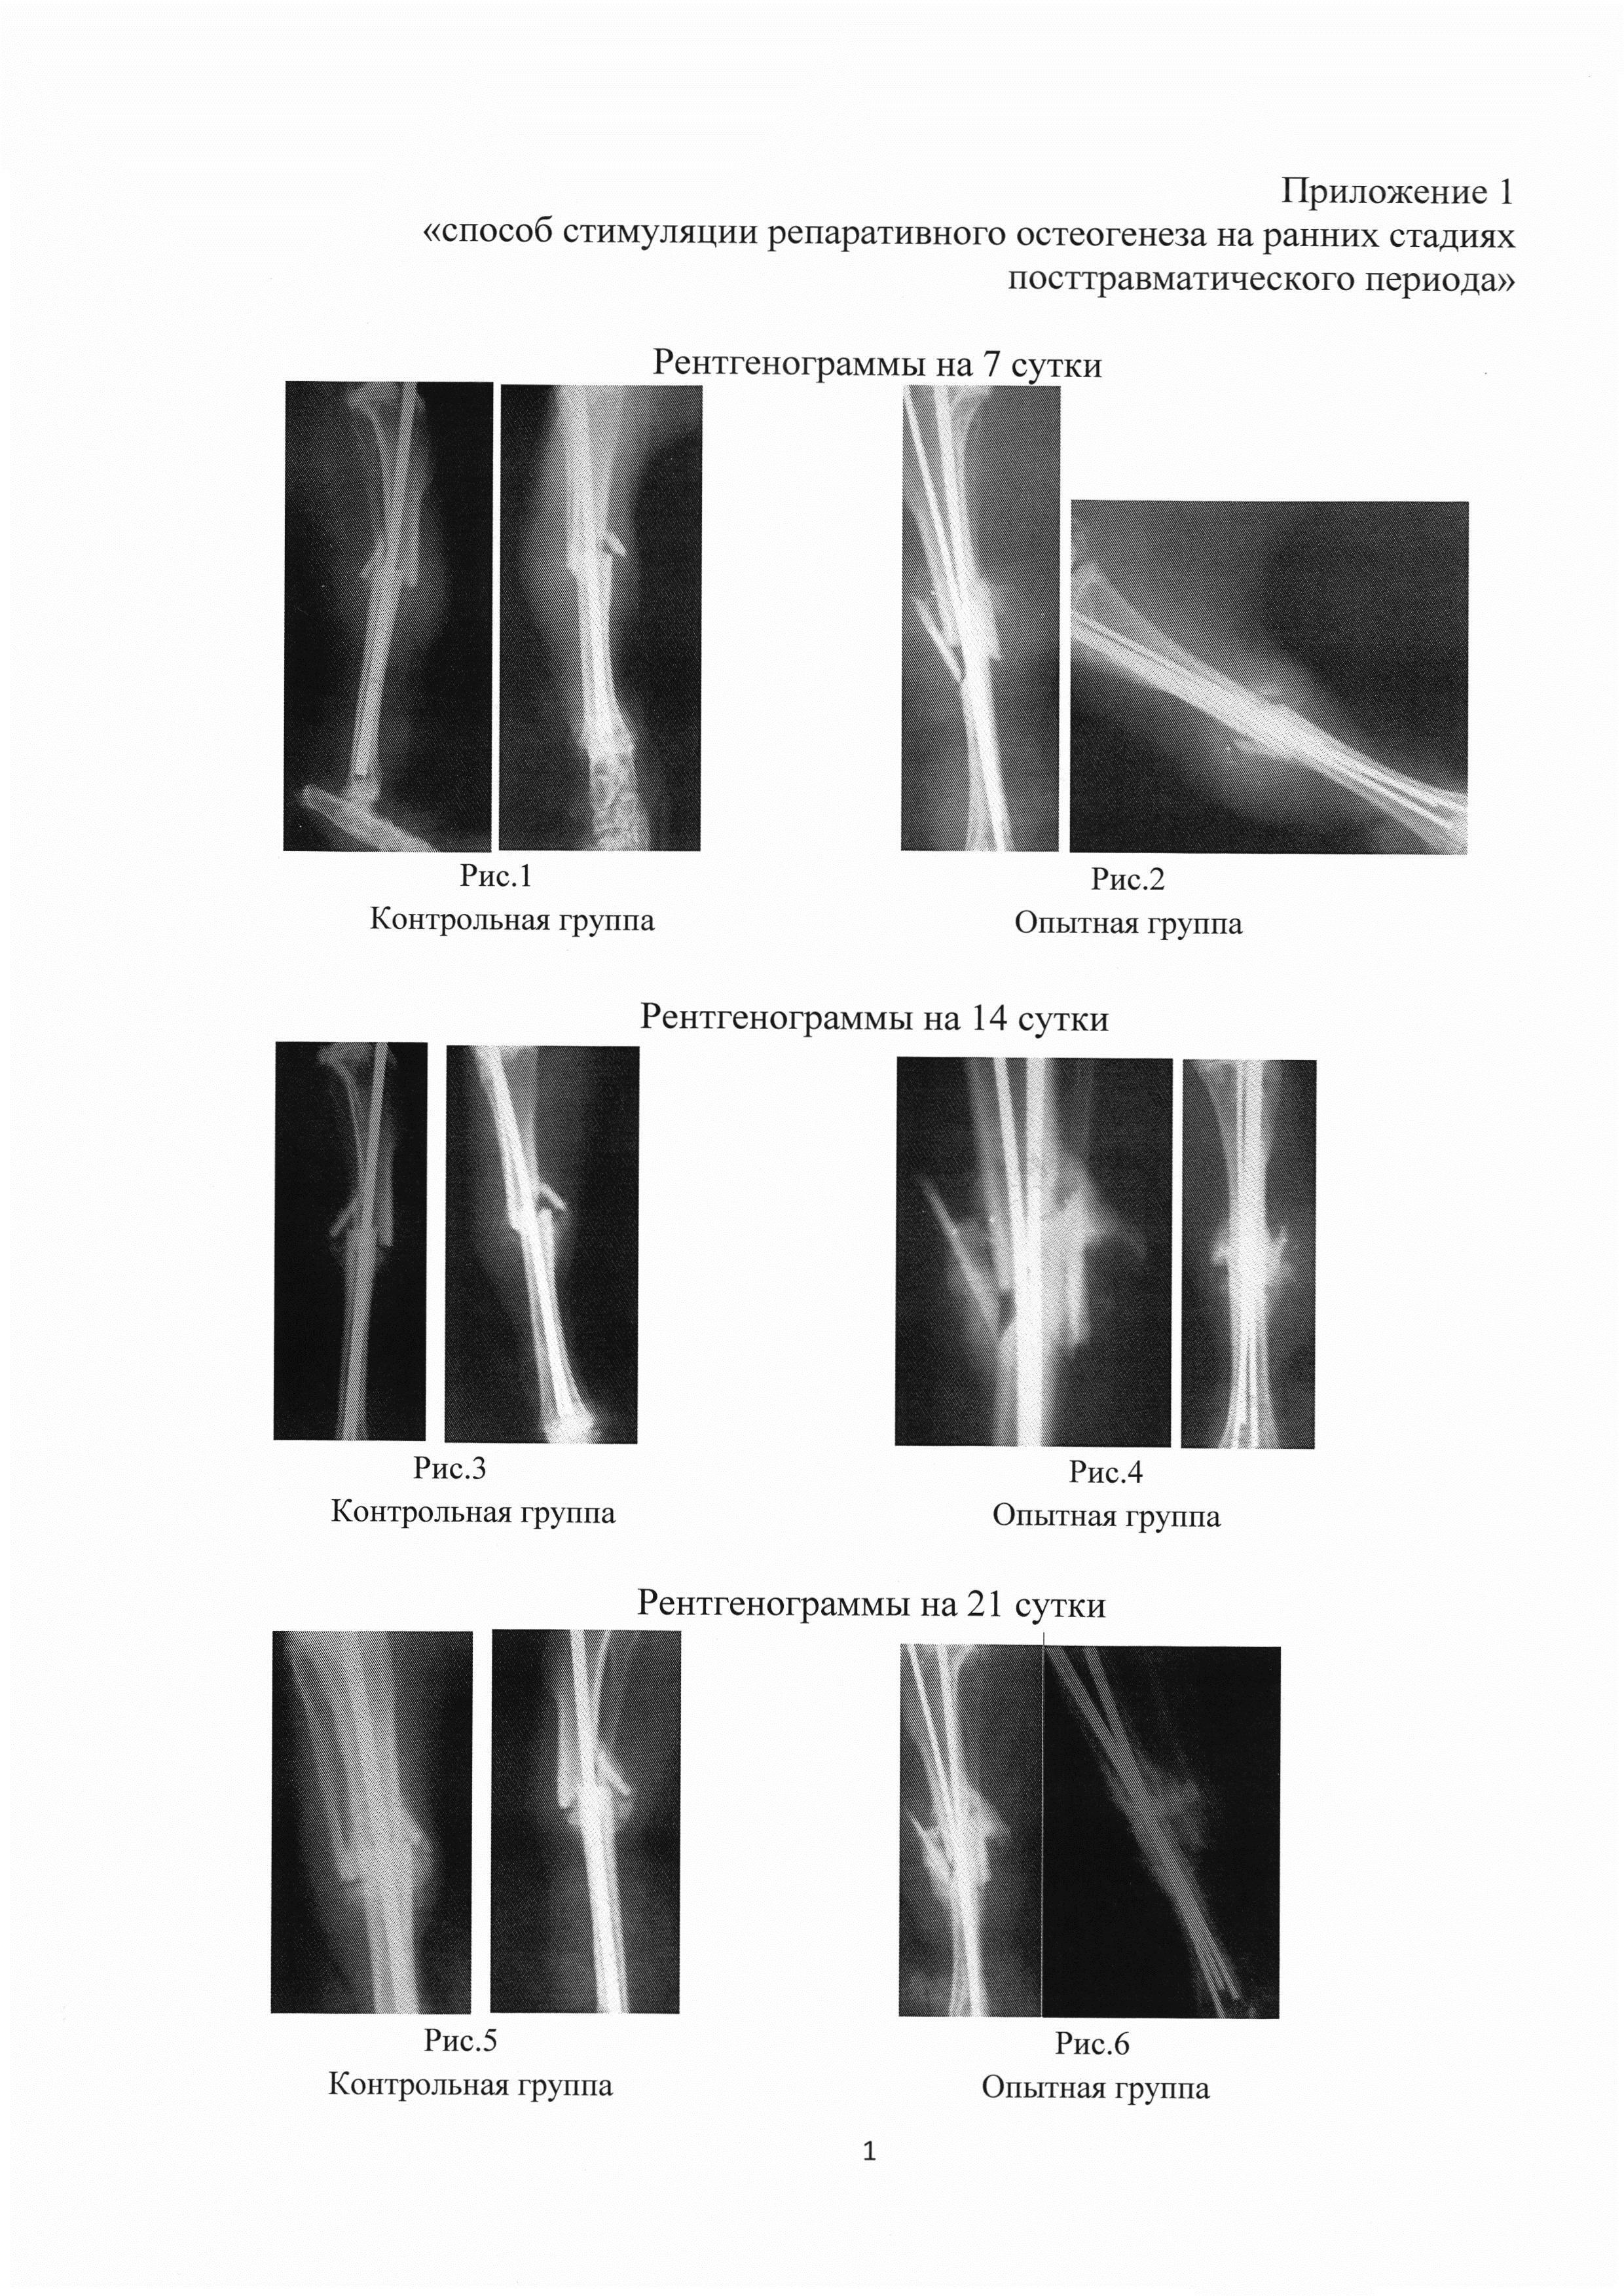 Способ стимуляции репаративного остеогенеза на ранних стадиях посттравматического периода